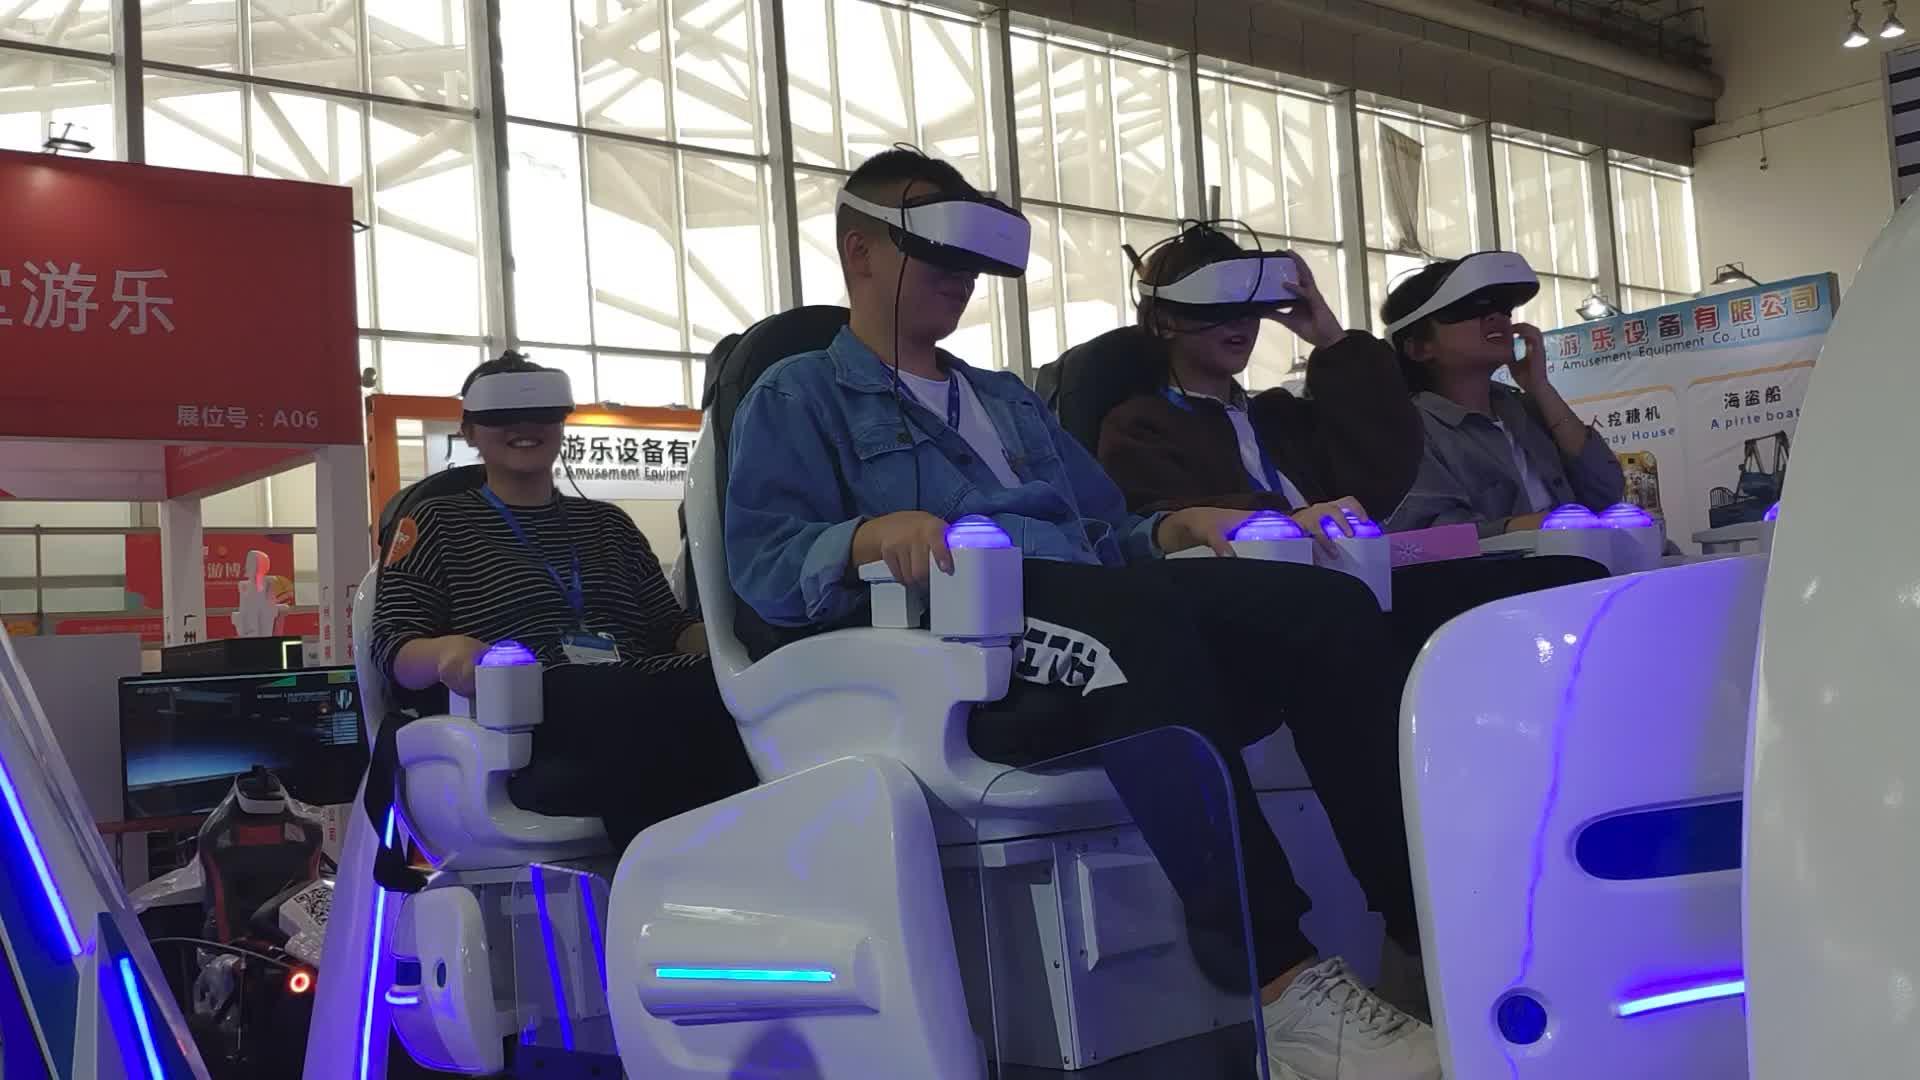 معدات متنزه 6 مقاعد Vr محاكاة الواقع الافتراضي 9D Vr محاكاة الطيران للبيع